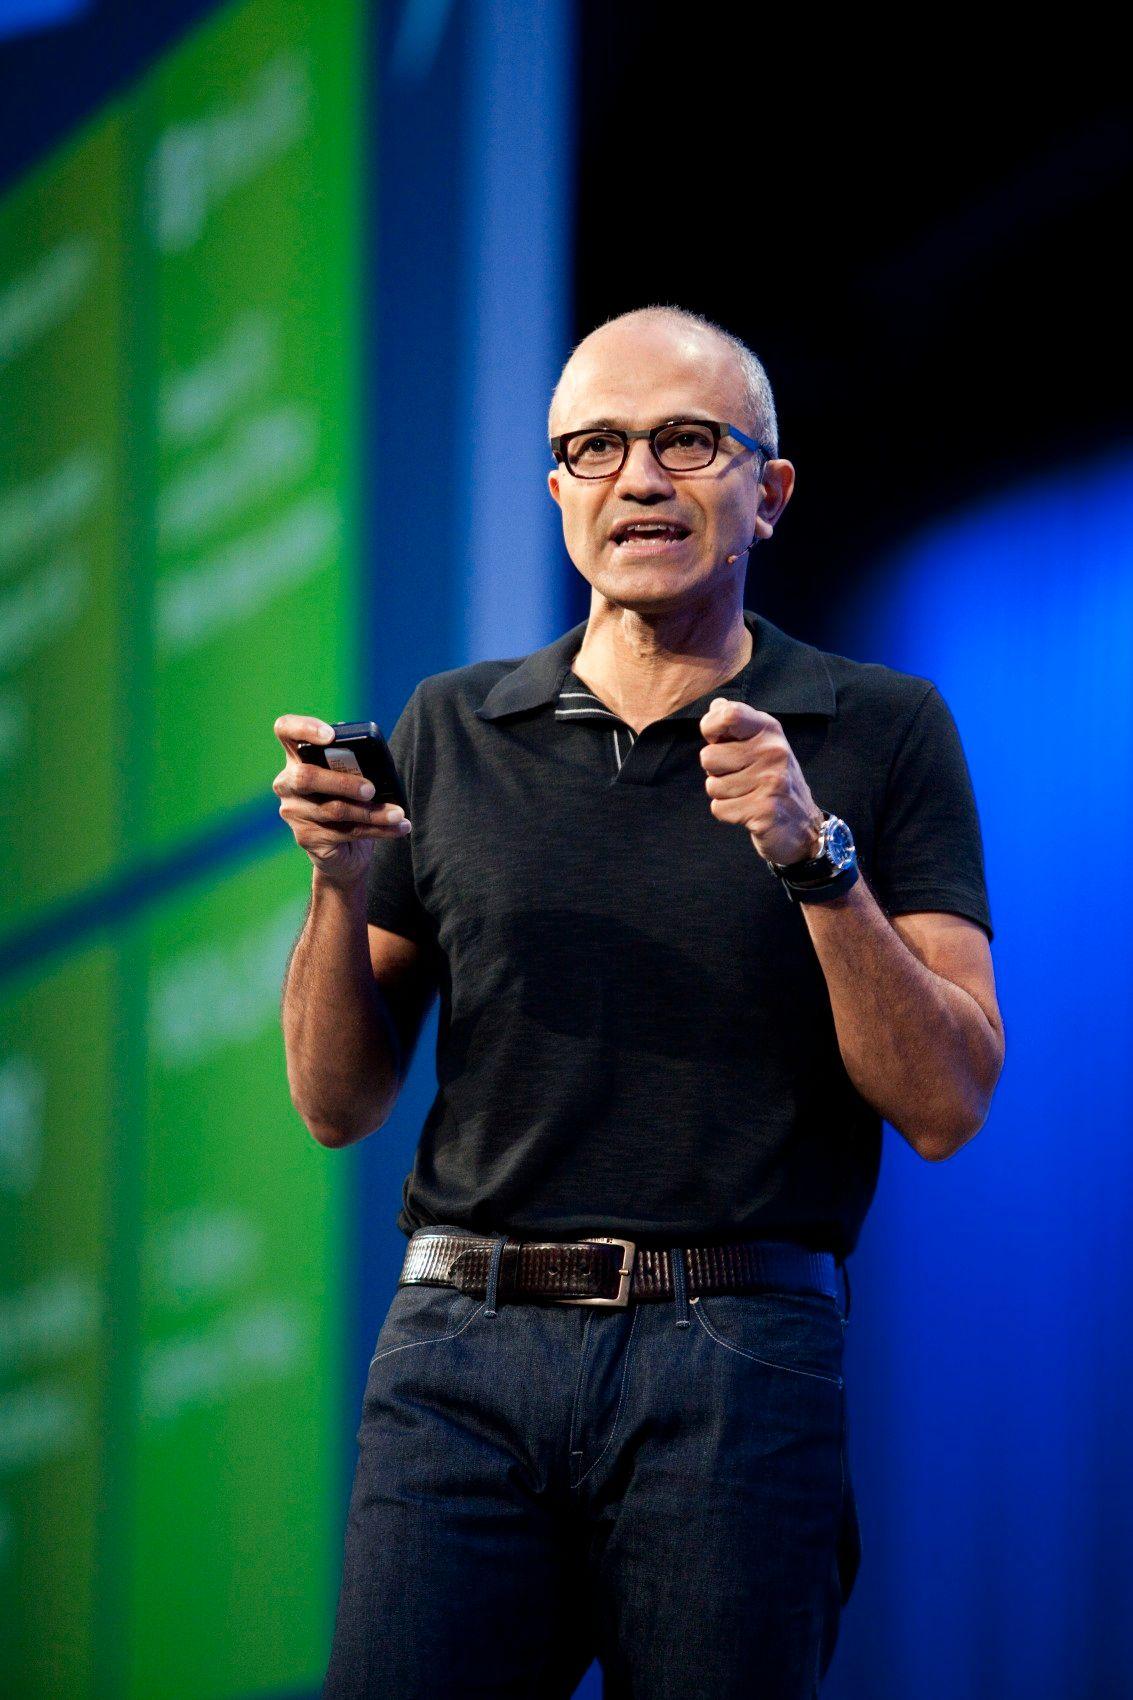 NICHT MEHR VERWENDEN! - Satya Nadella / Microsoft